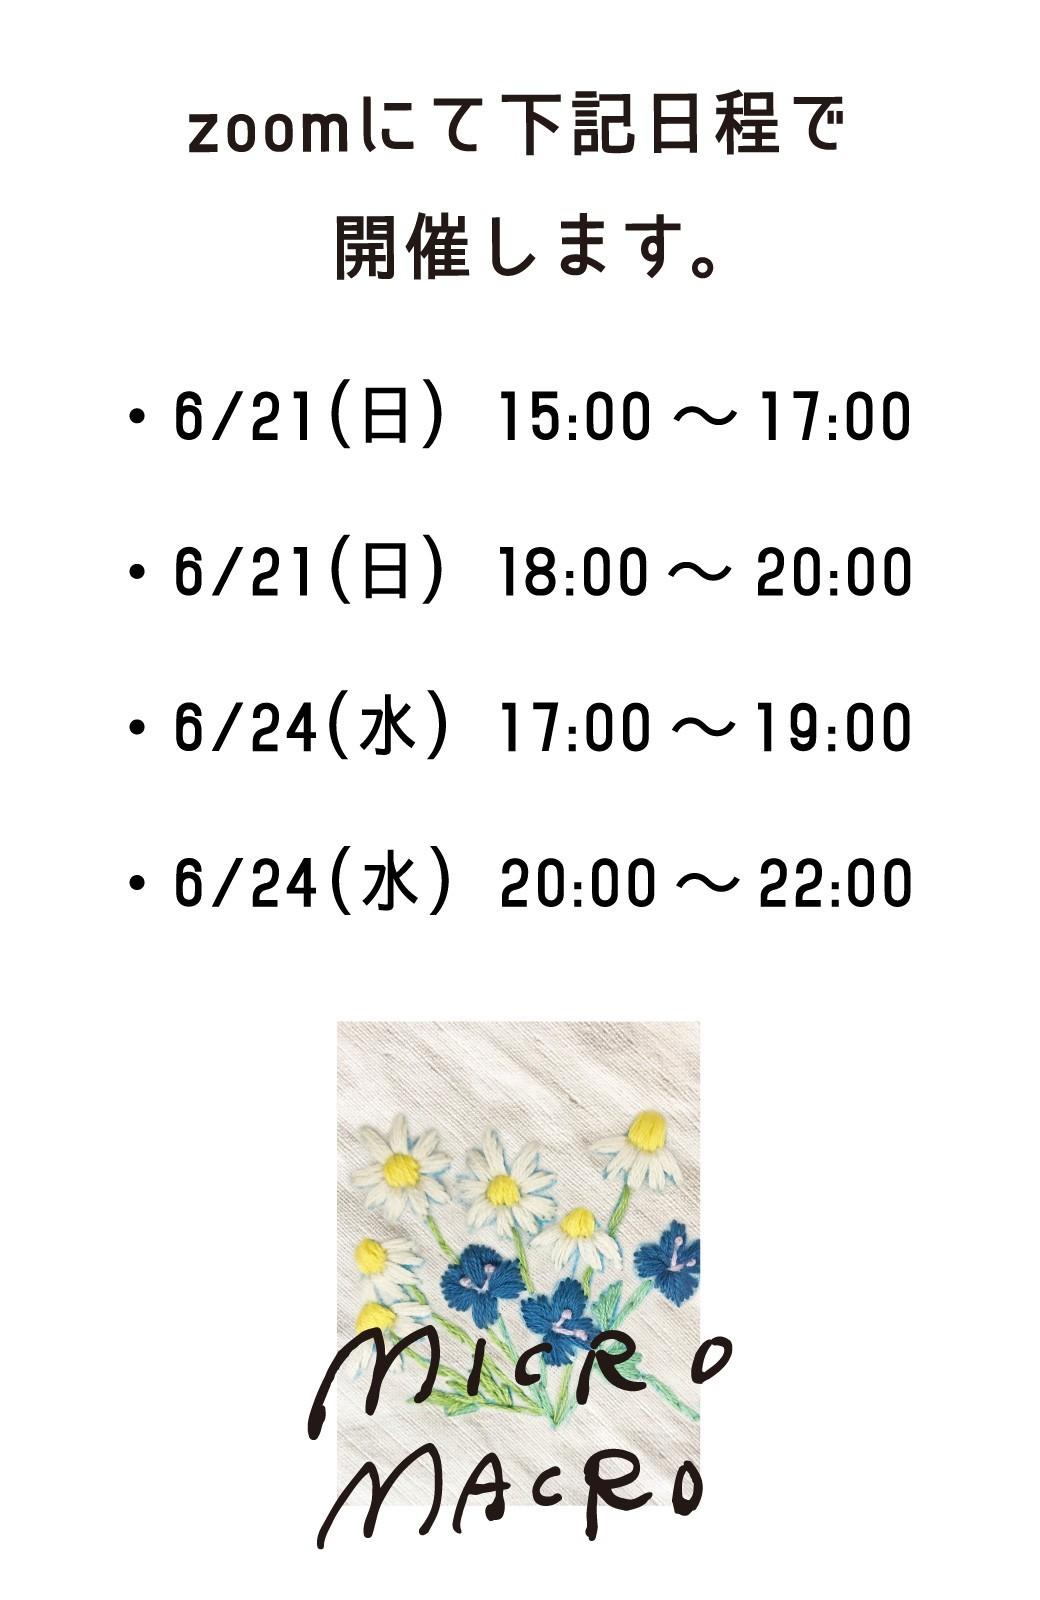 haco! haco! [haco! POST] 刺繍アーティスト二宮佐和子さんとみんなでワイワイ刺繍!zoom縫いワークショップ参加チケット 6/21・6/24開催<micro macro> <その他>の商品写真5